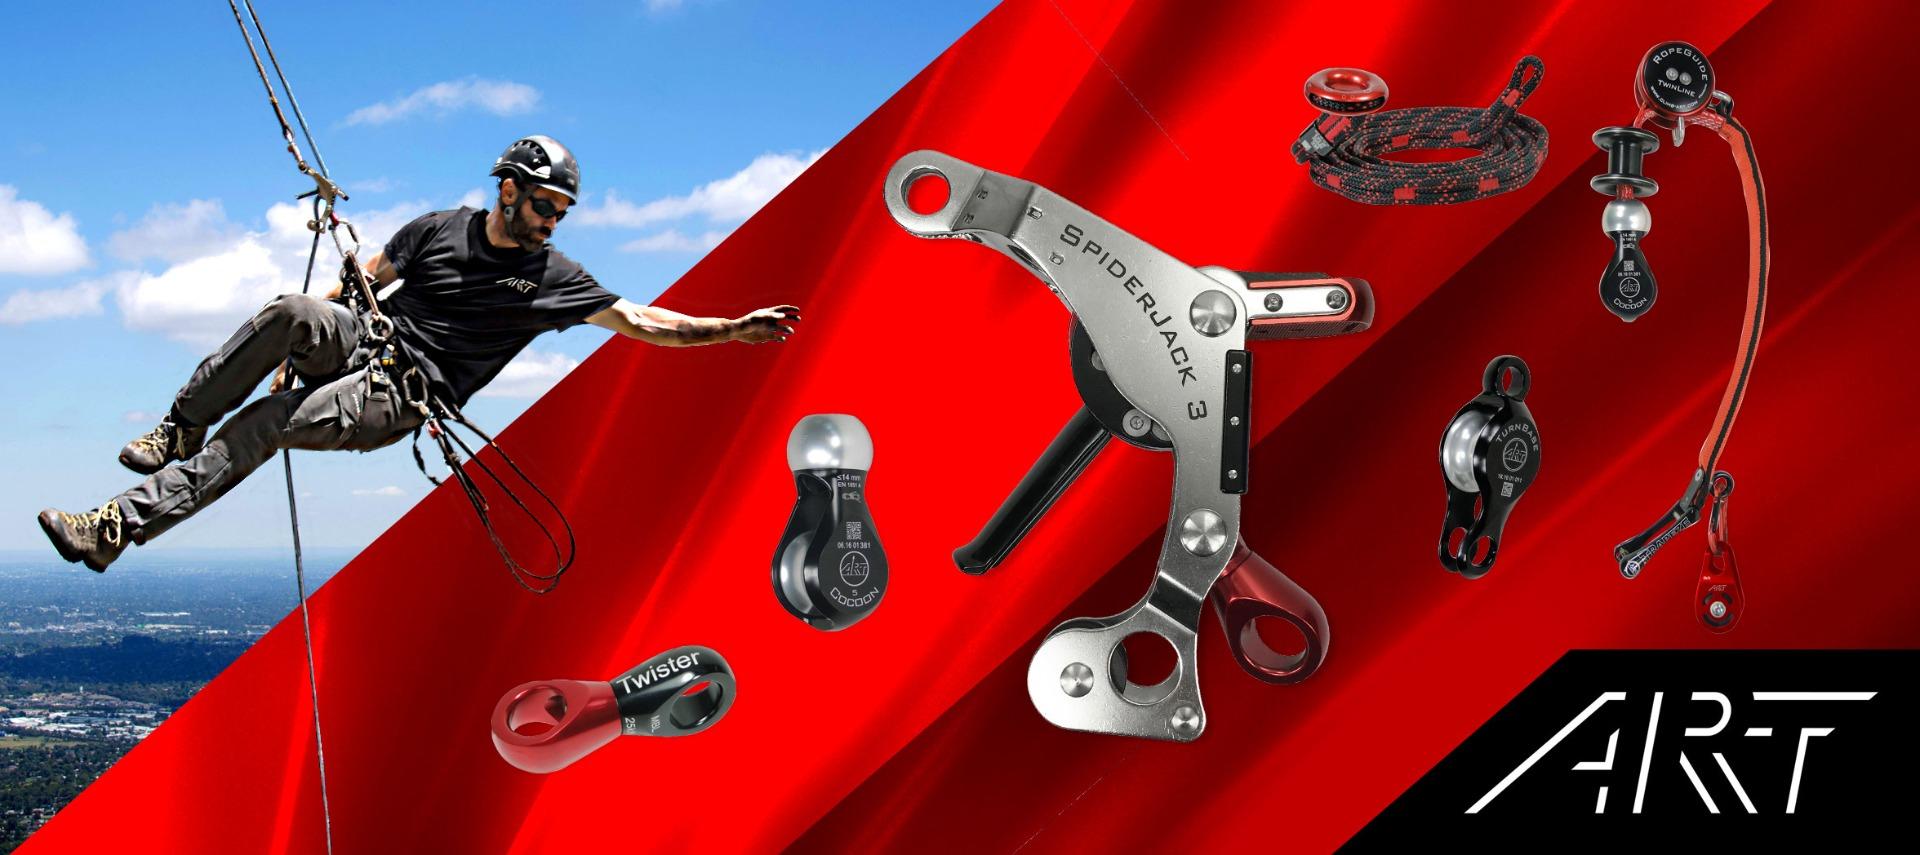 ART - Advanced Ropeclimbing Technology